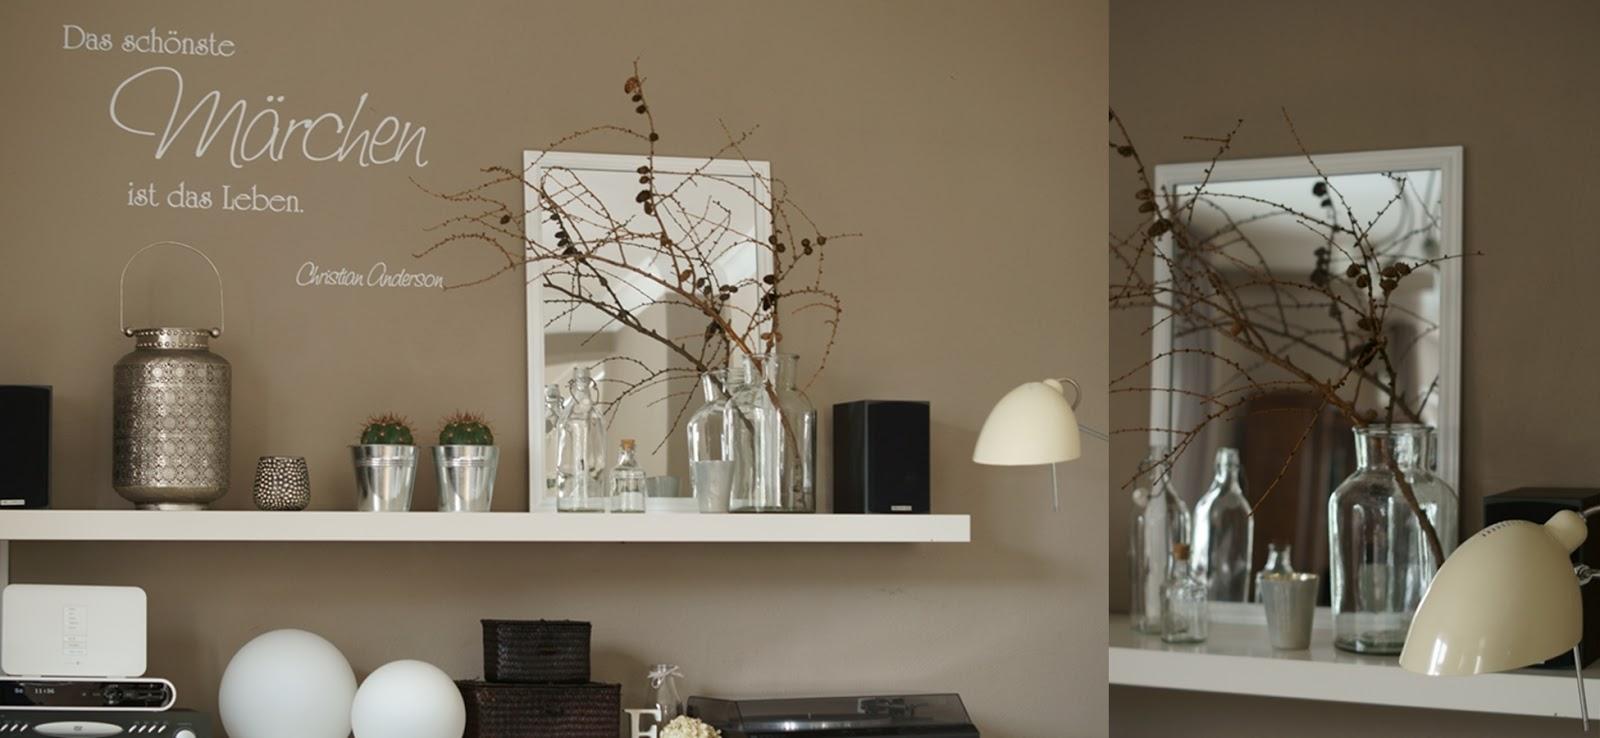 Wohnzimmer Dekorieren Ideen Imposing On überall Kreativ Villa Deko Dekoration Decor Fairhope Deco And 5